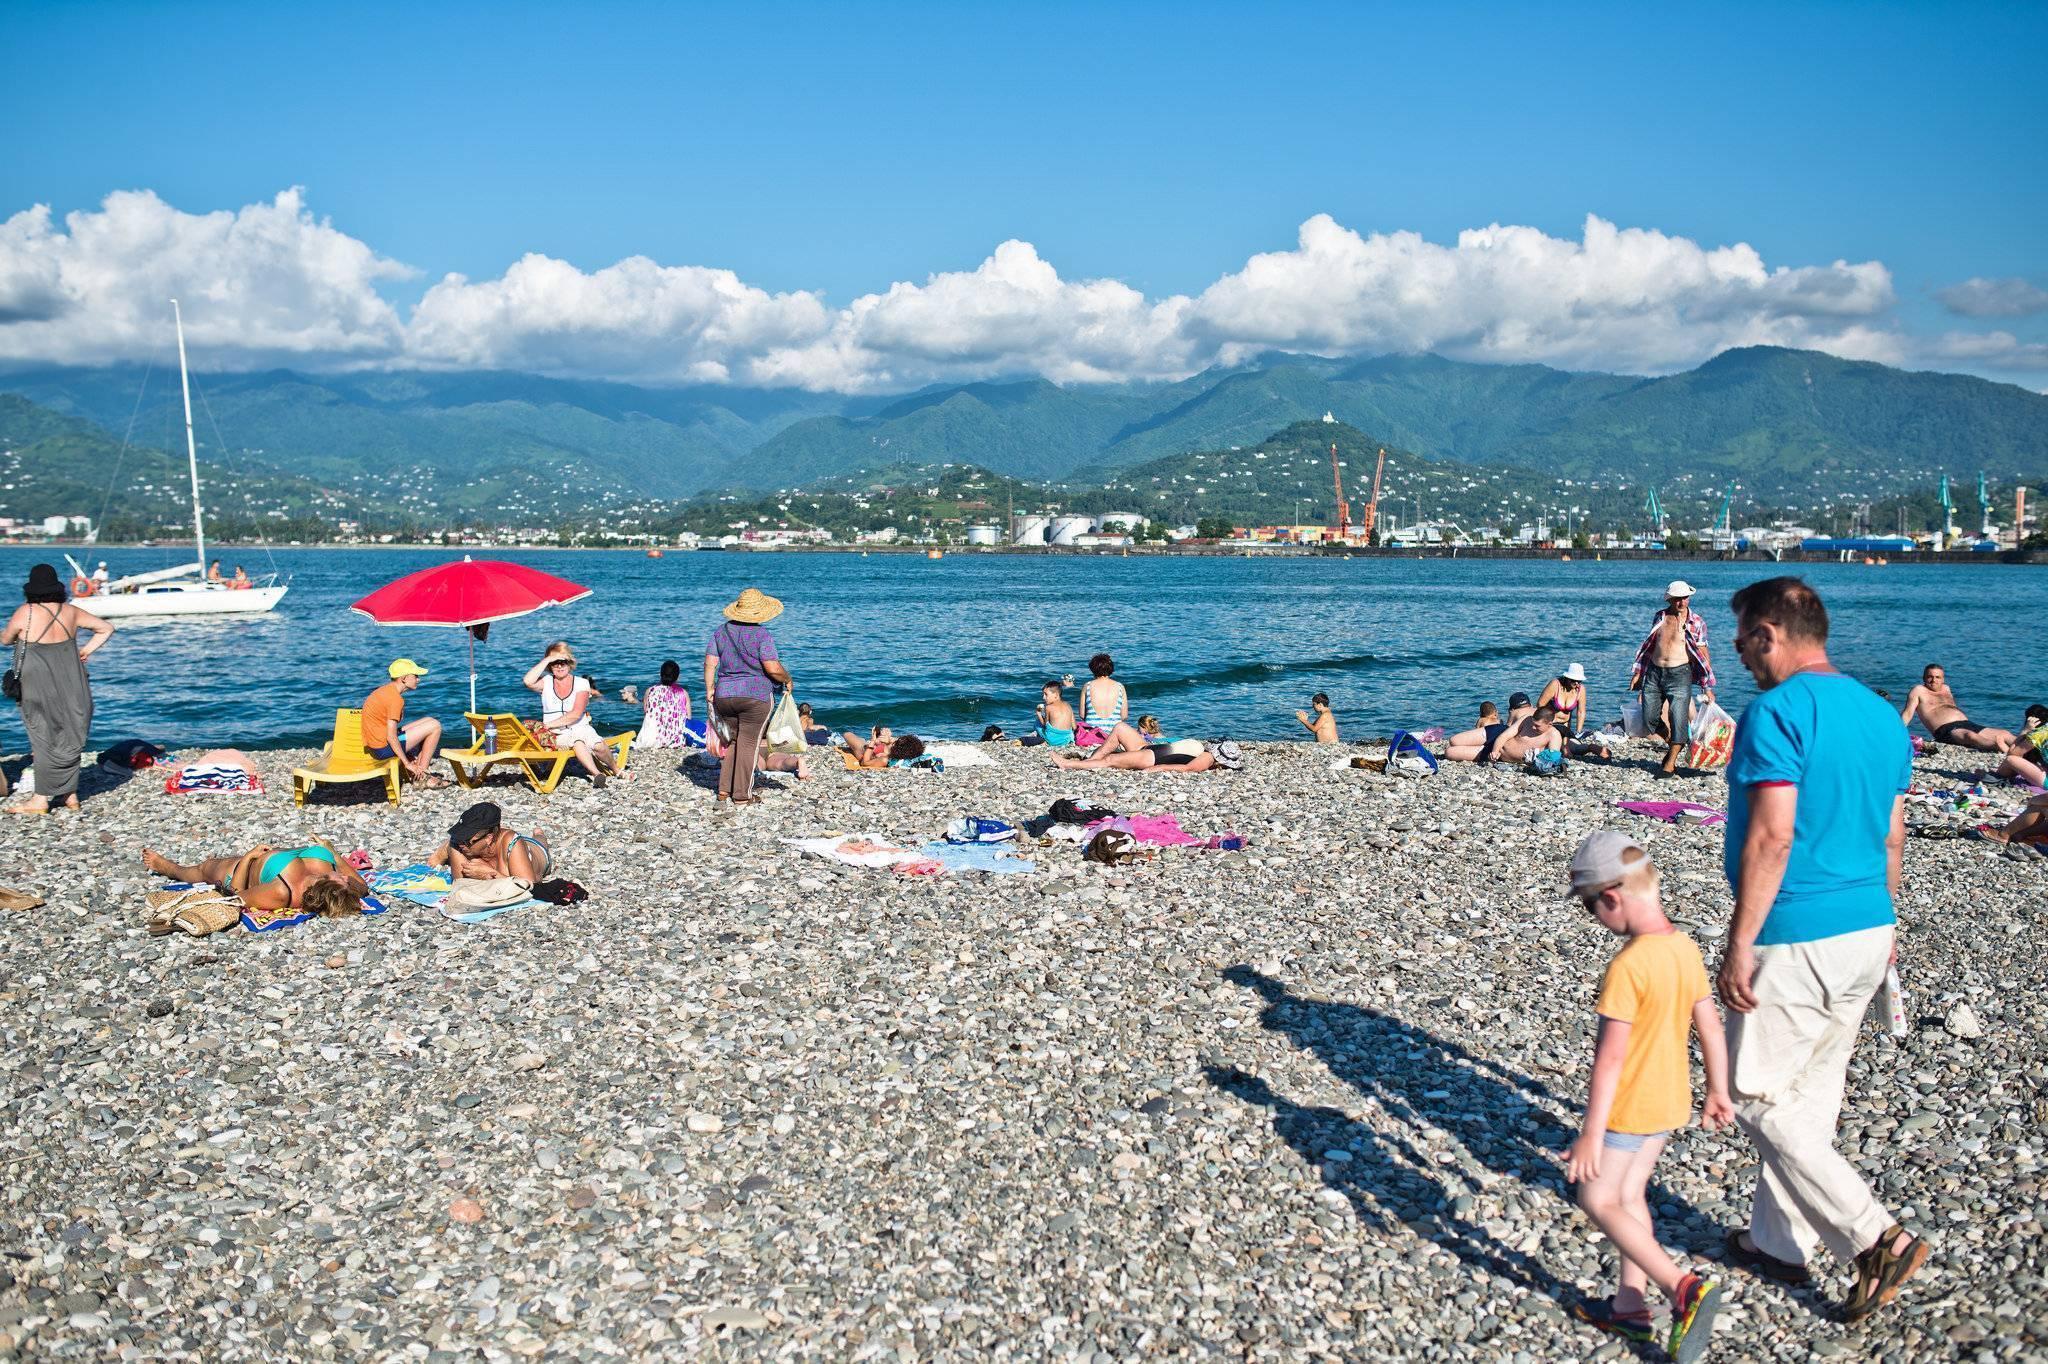 Какой отдых выбрать? куда поехать на море в грузии?